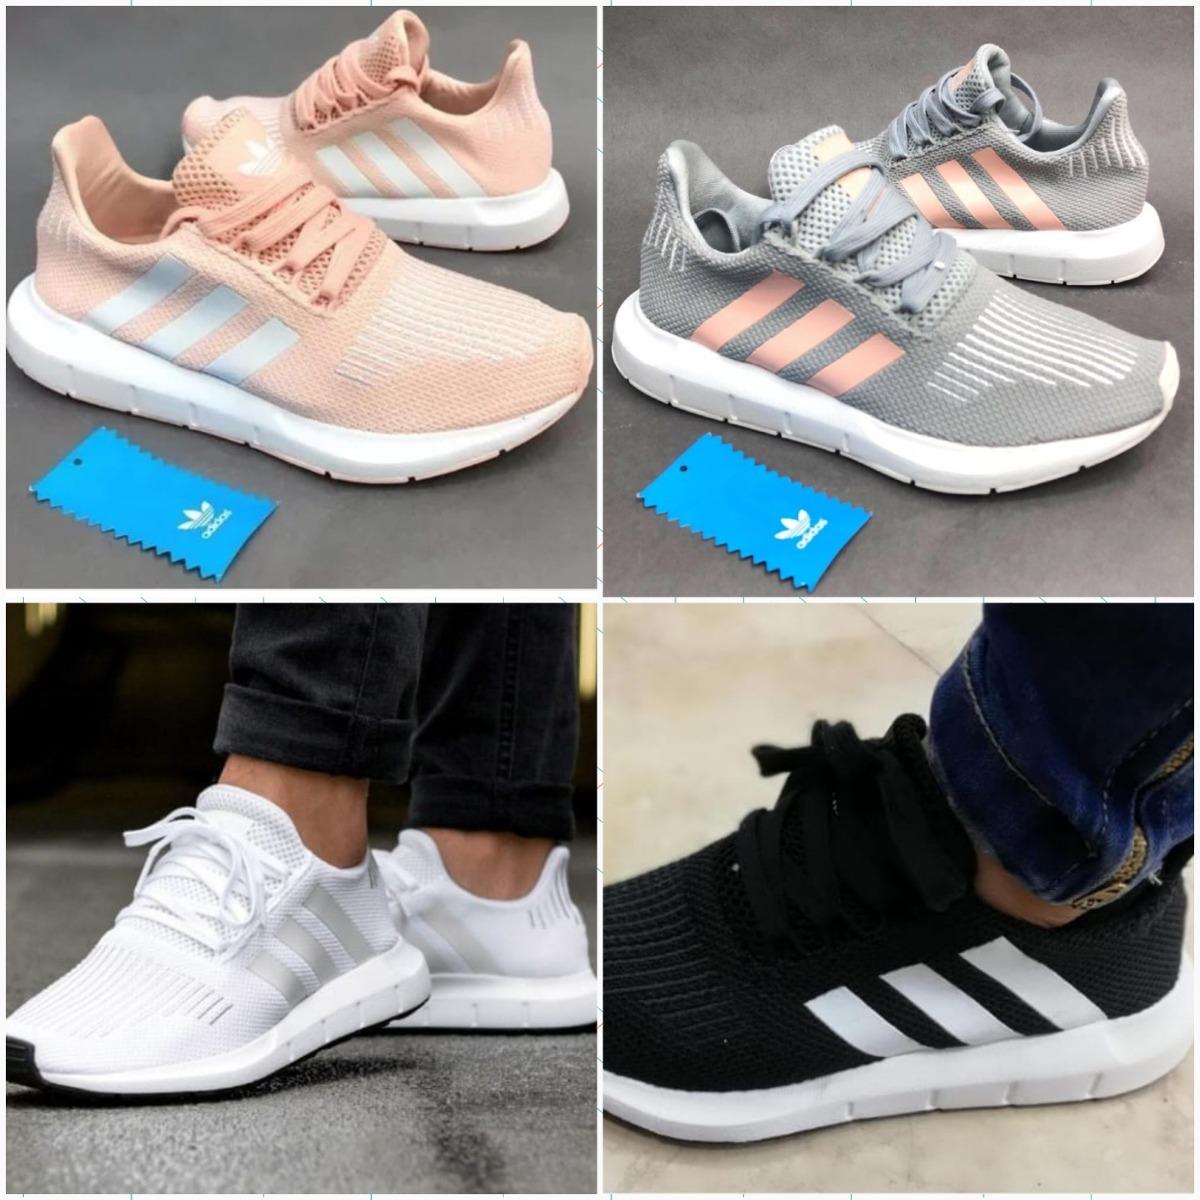 En 78 Libre Mercado Para S Mujer 00 8xuixx7n Zapatos U Originales Adidas O1UnU6R